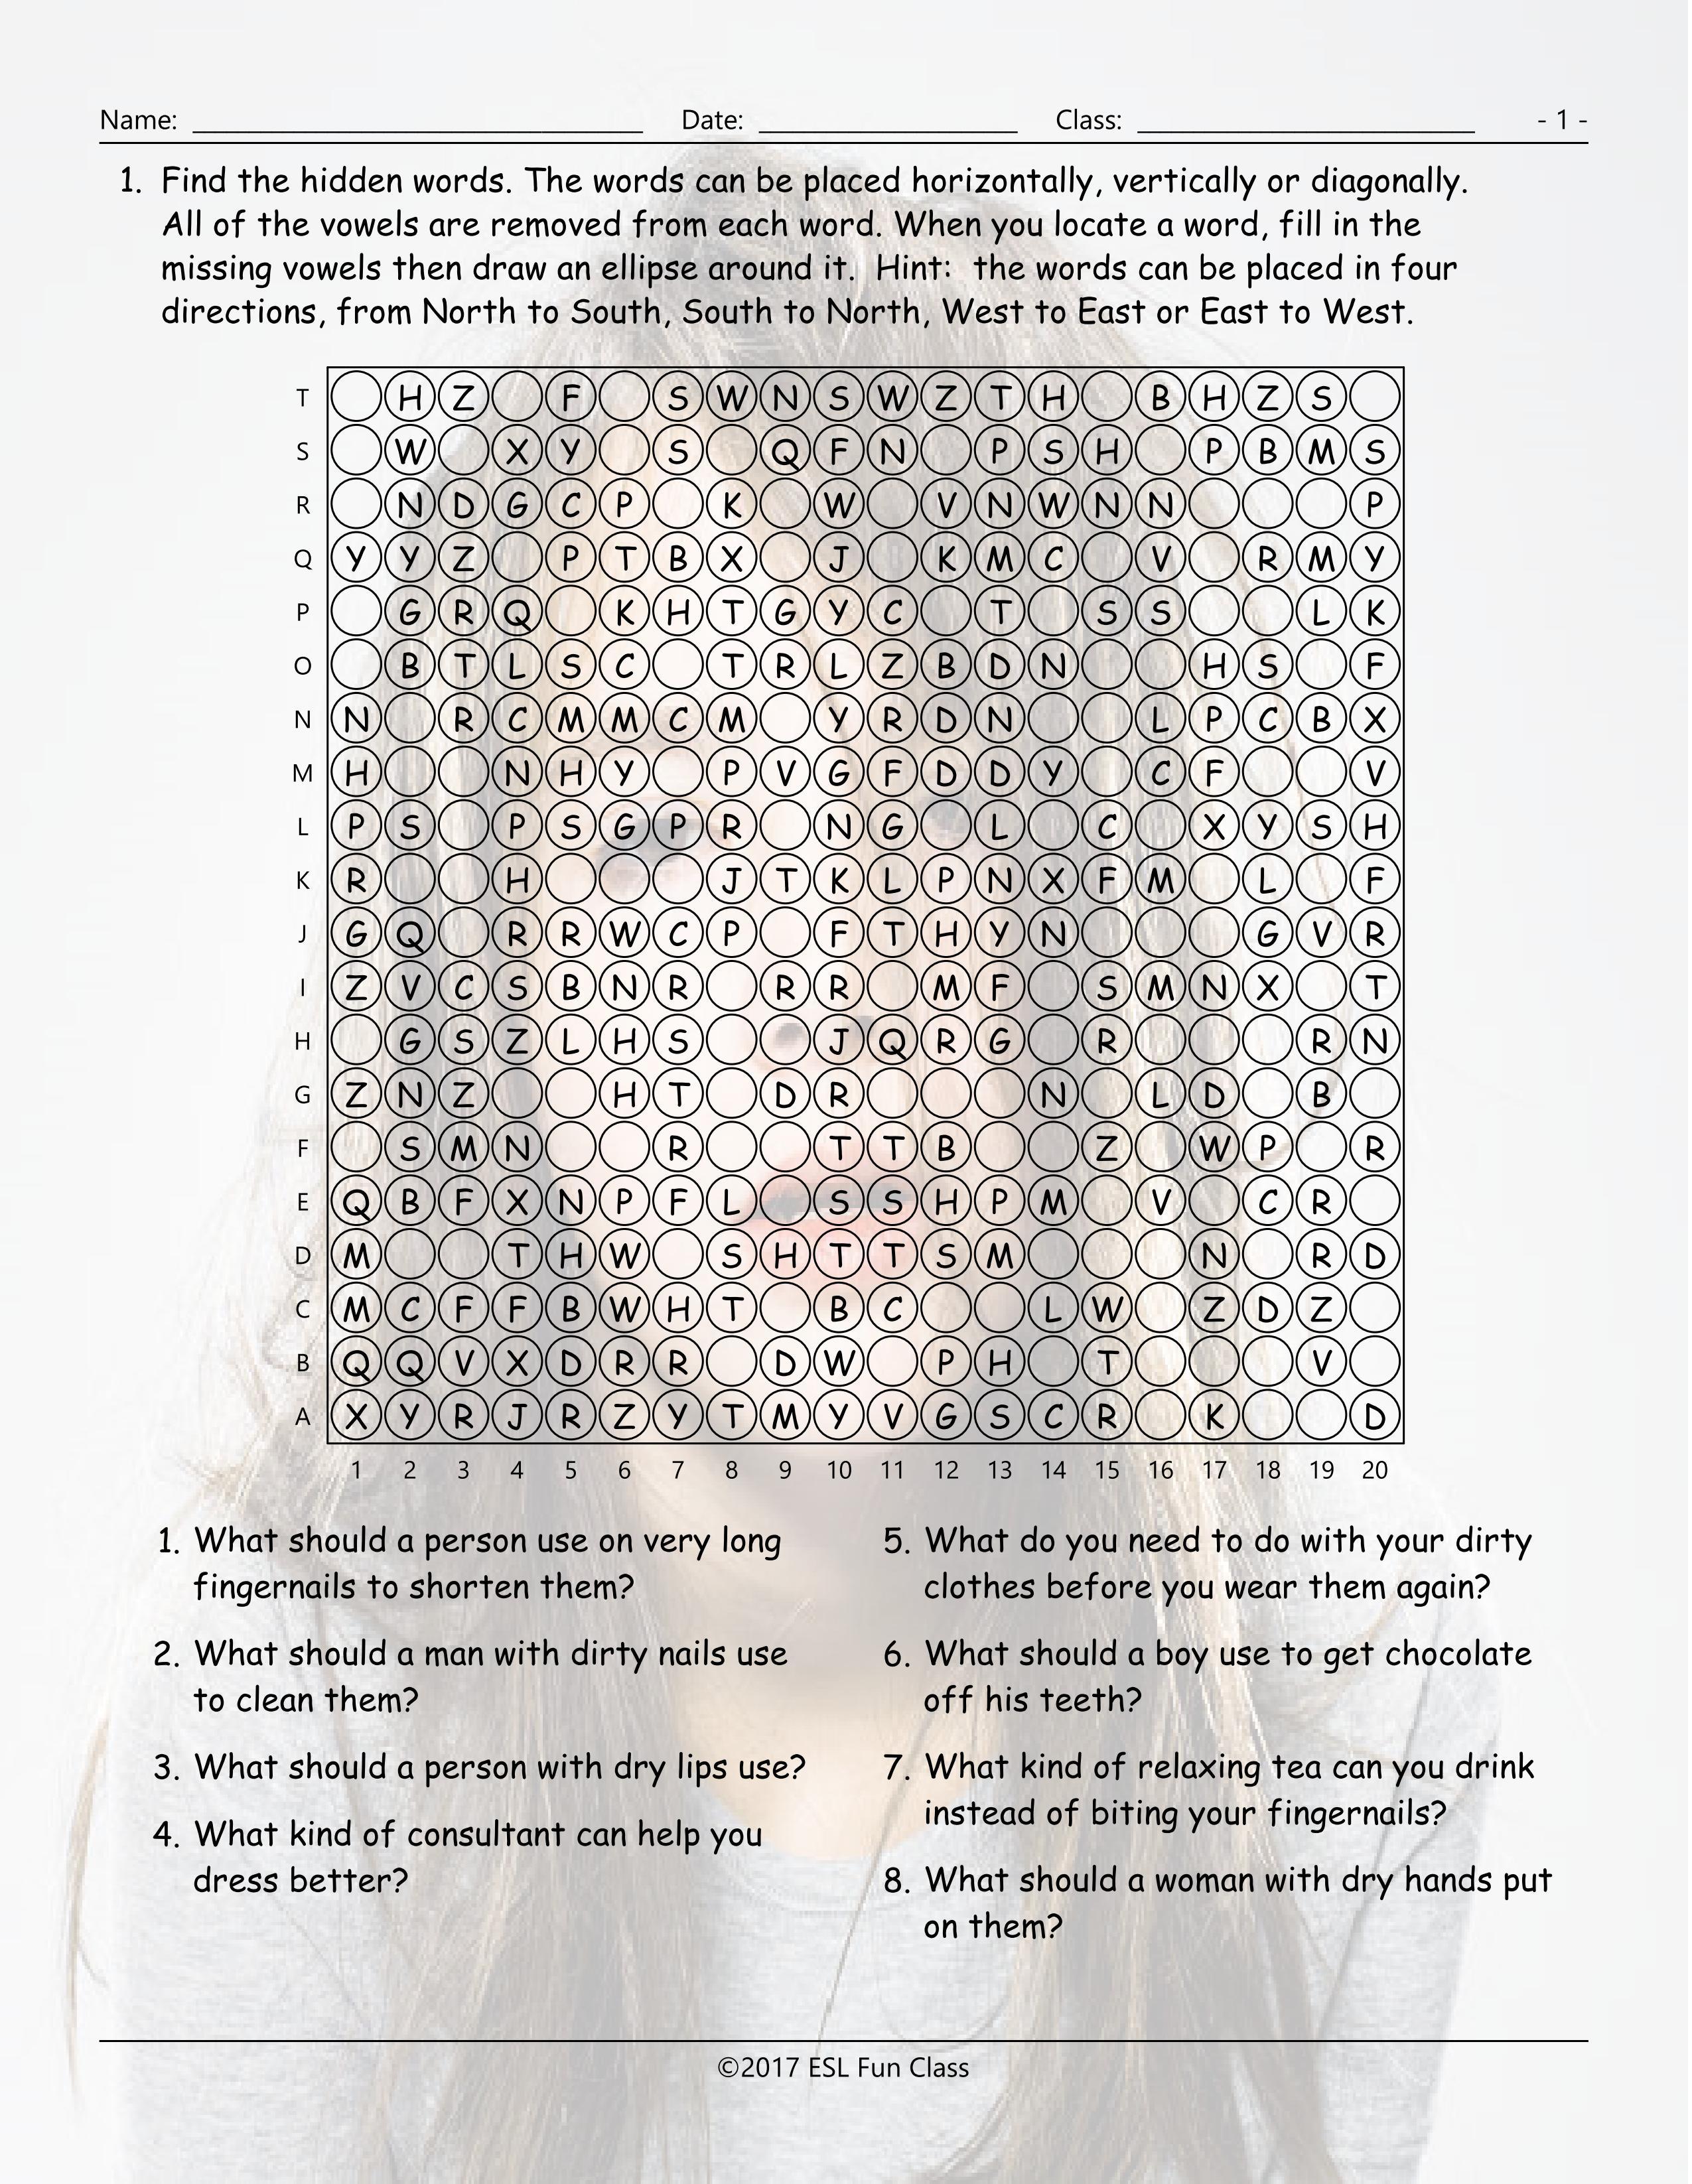 Personal Hygiene-Grooming Missing Vowels Worksheet-Esl Fun Games - Printable Missing Vowels Puzzles